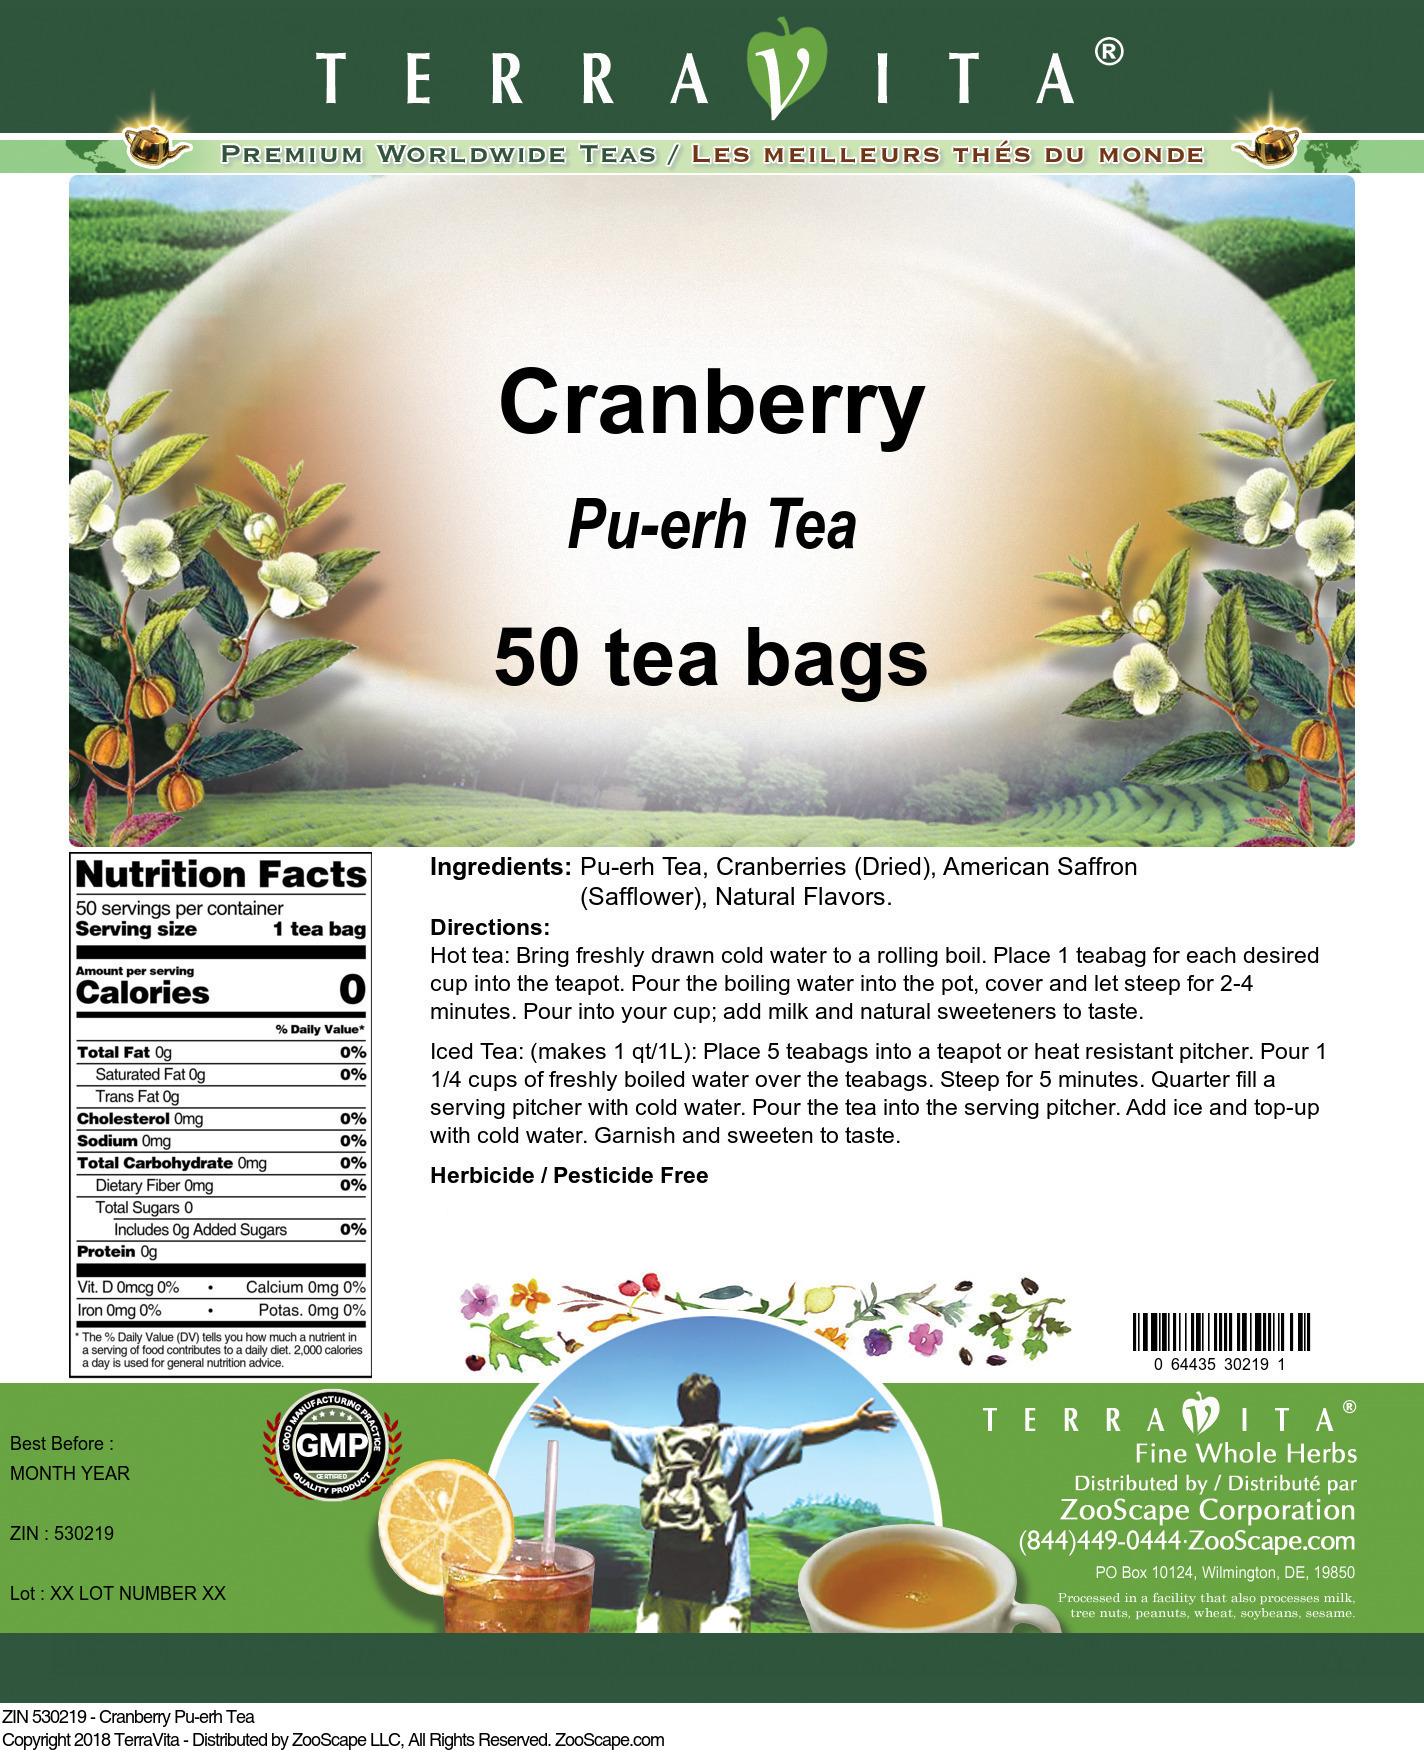 Cranberry Pu-erh Tea